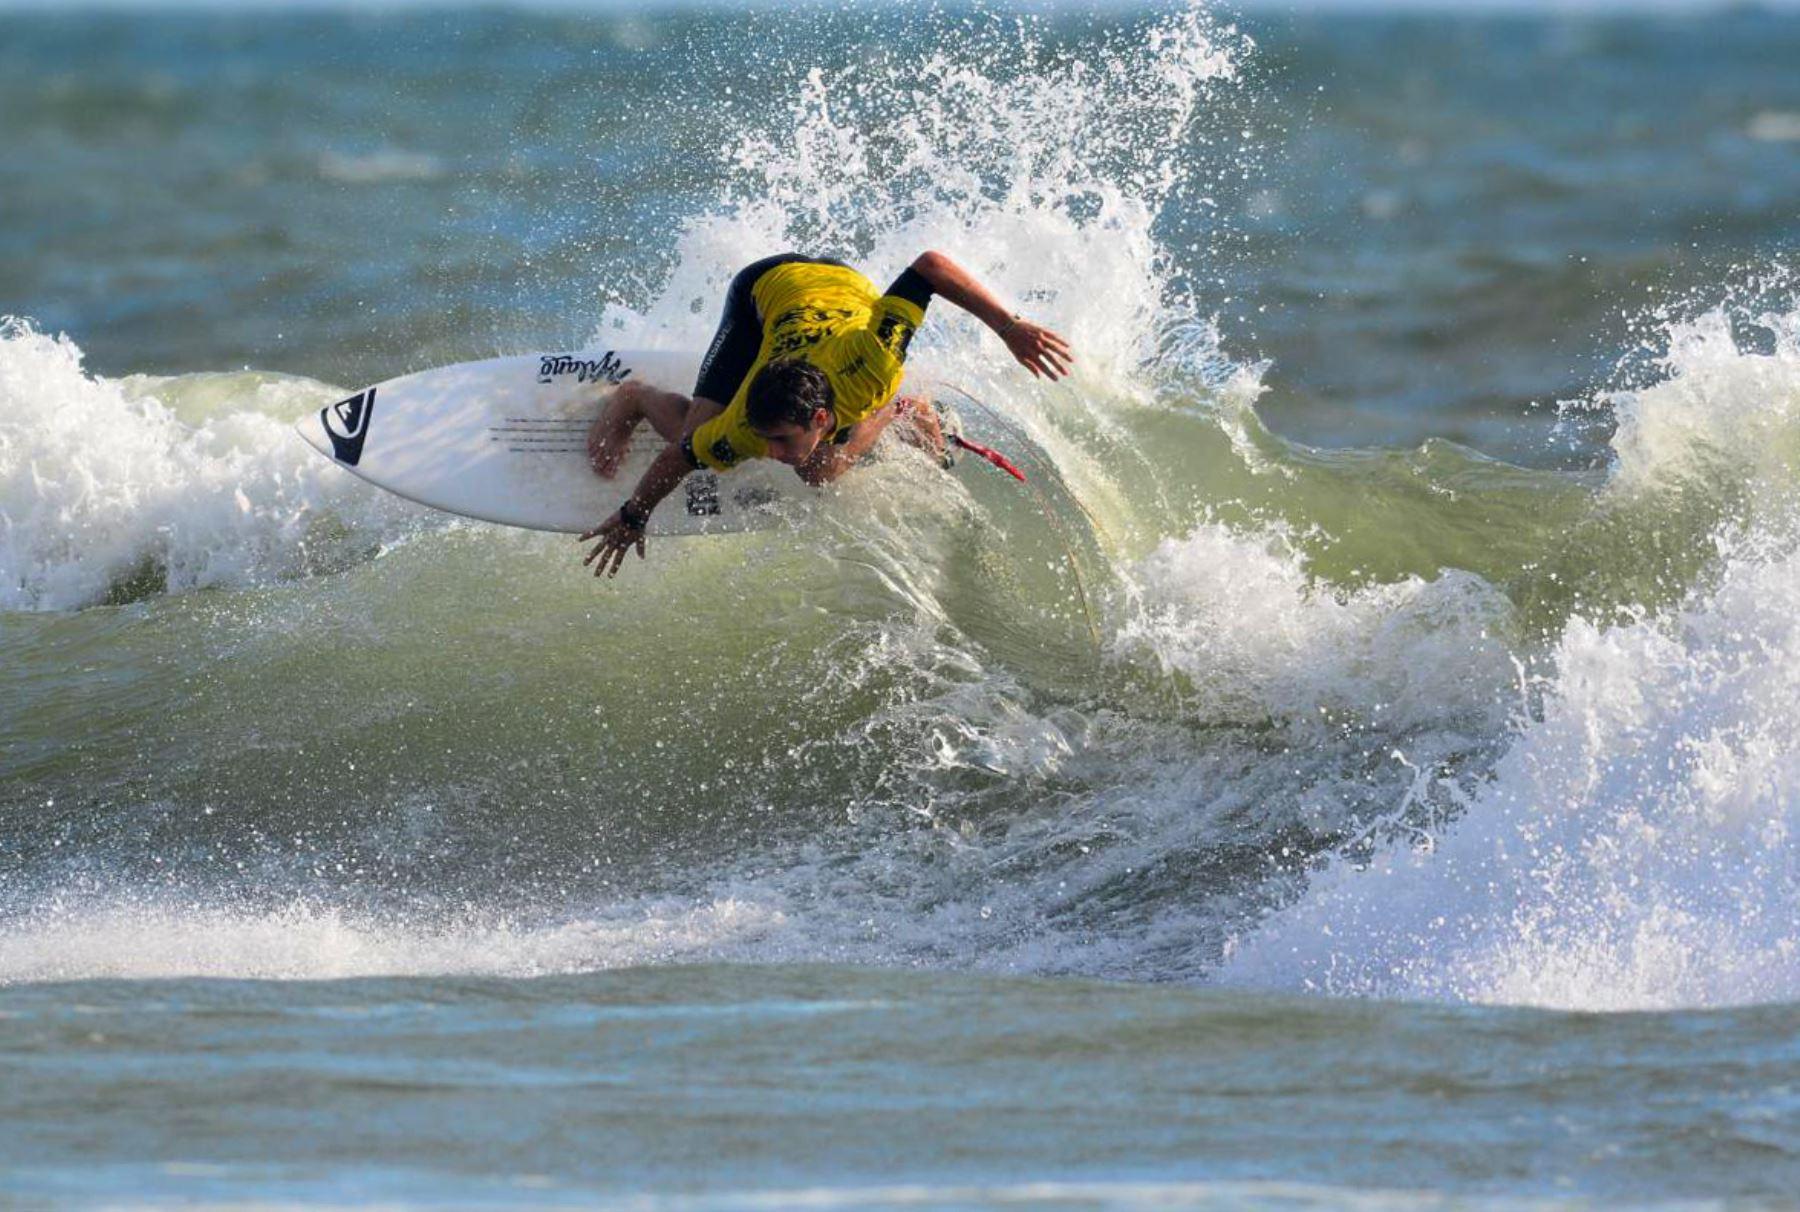 Circuito Mundial De Surf : Álvaro malpartida y tomás tudela brillan en el circuito mundial de